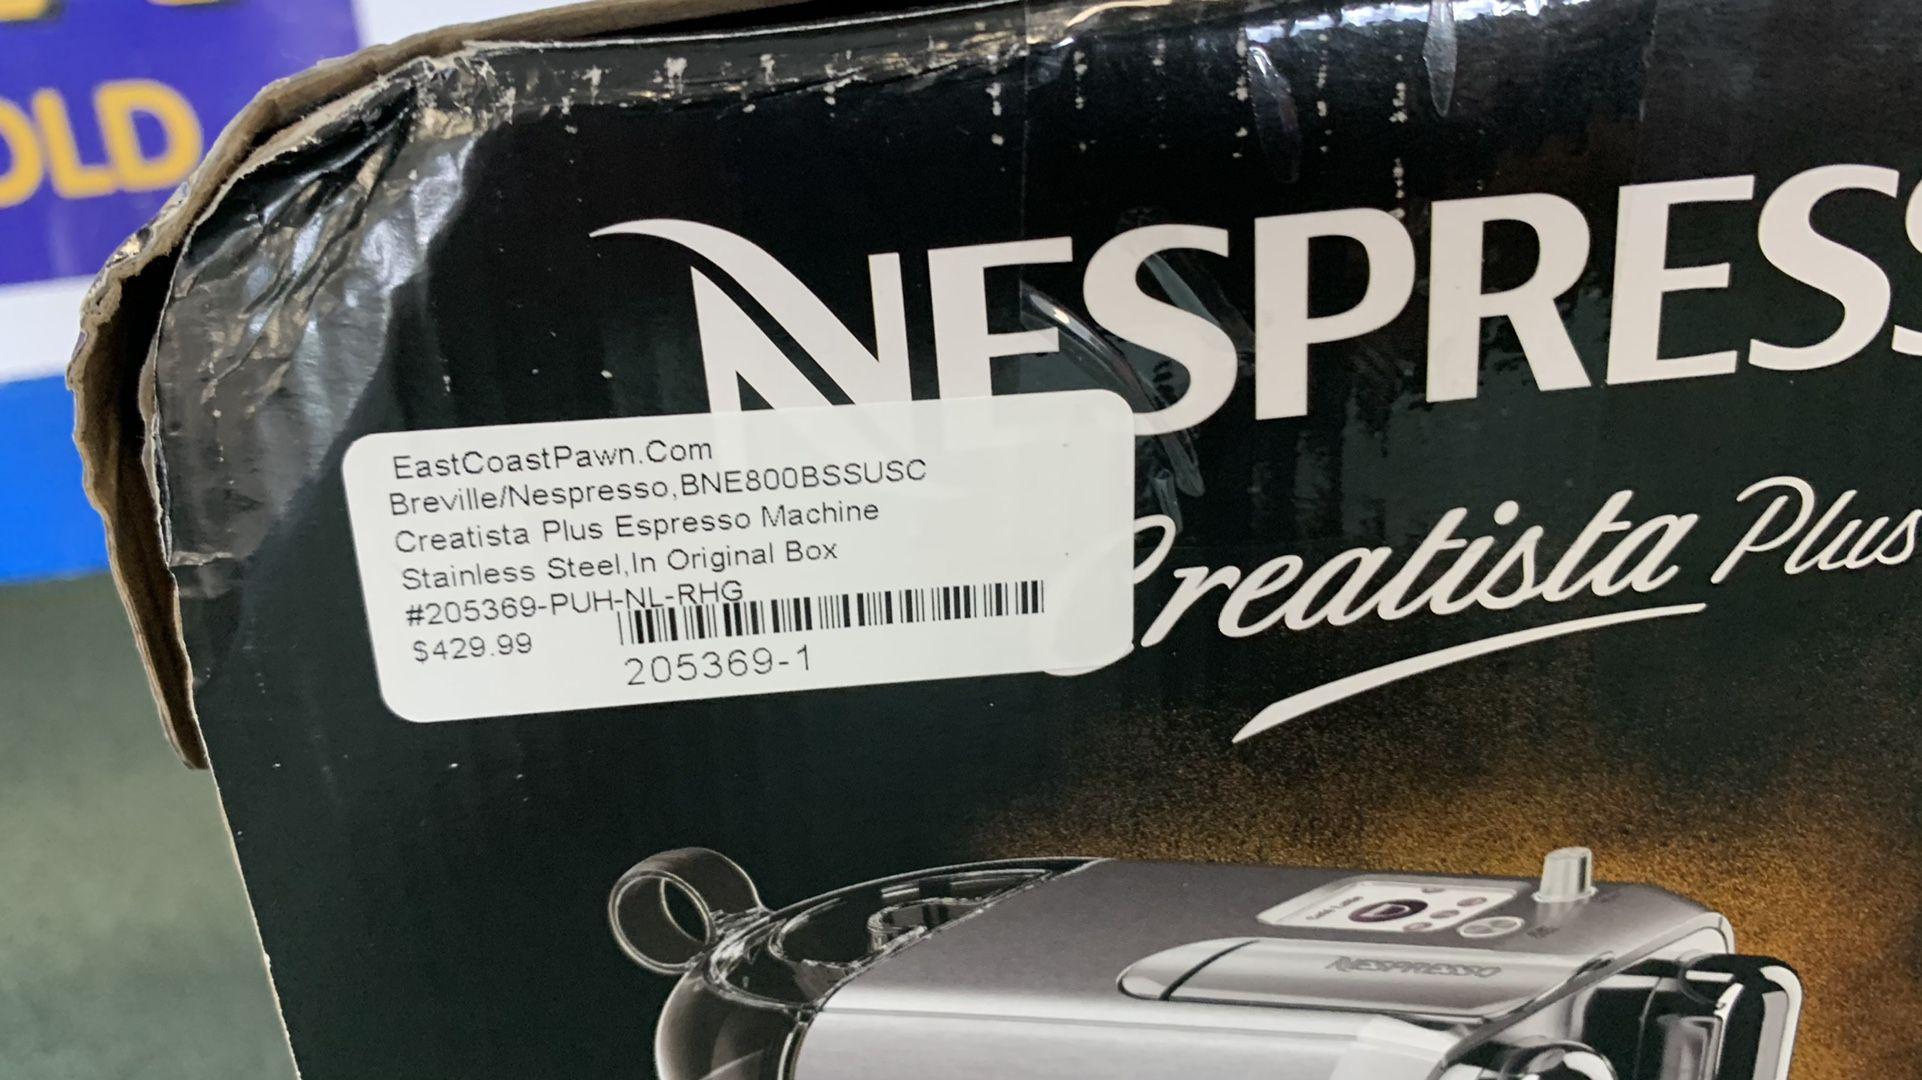 Brevile Creatista Espresso Machine